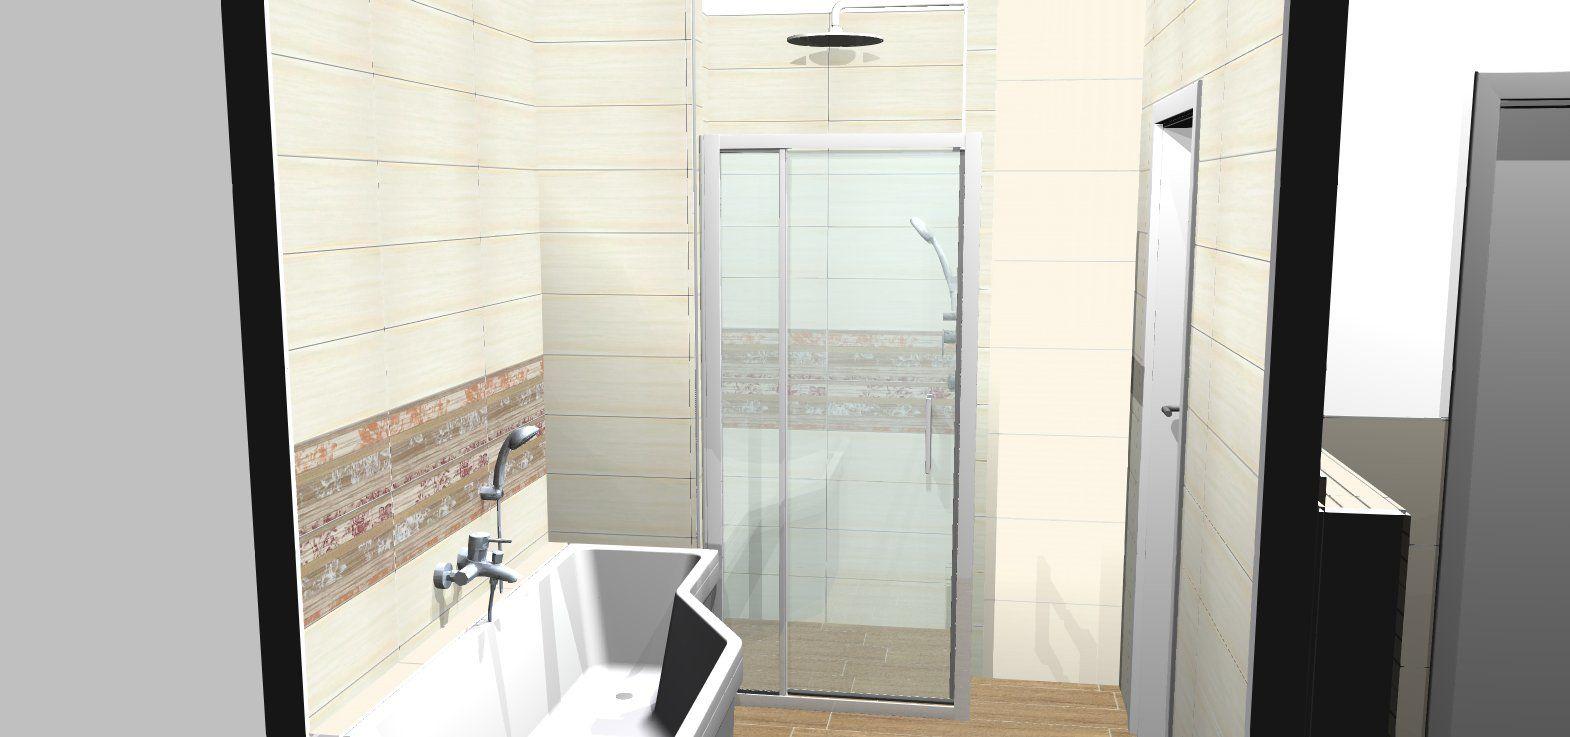 Mala panelakova koupelna - Obrázek č. 16